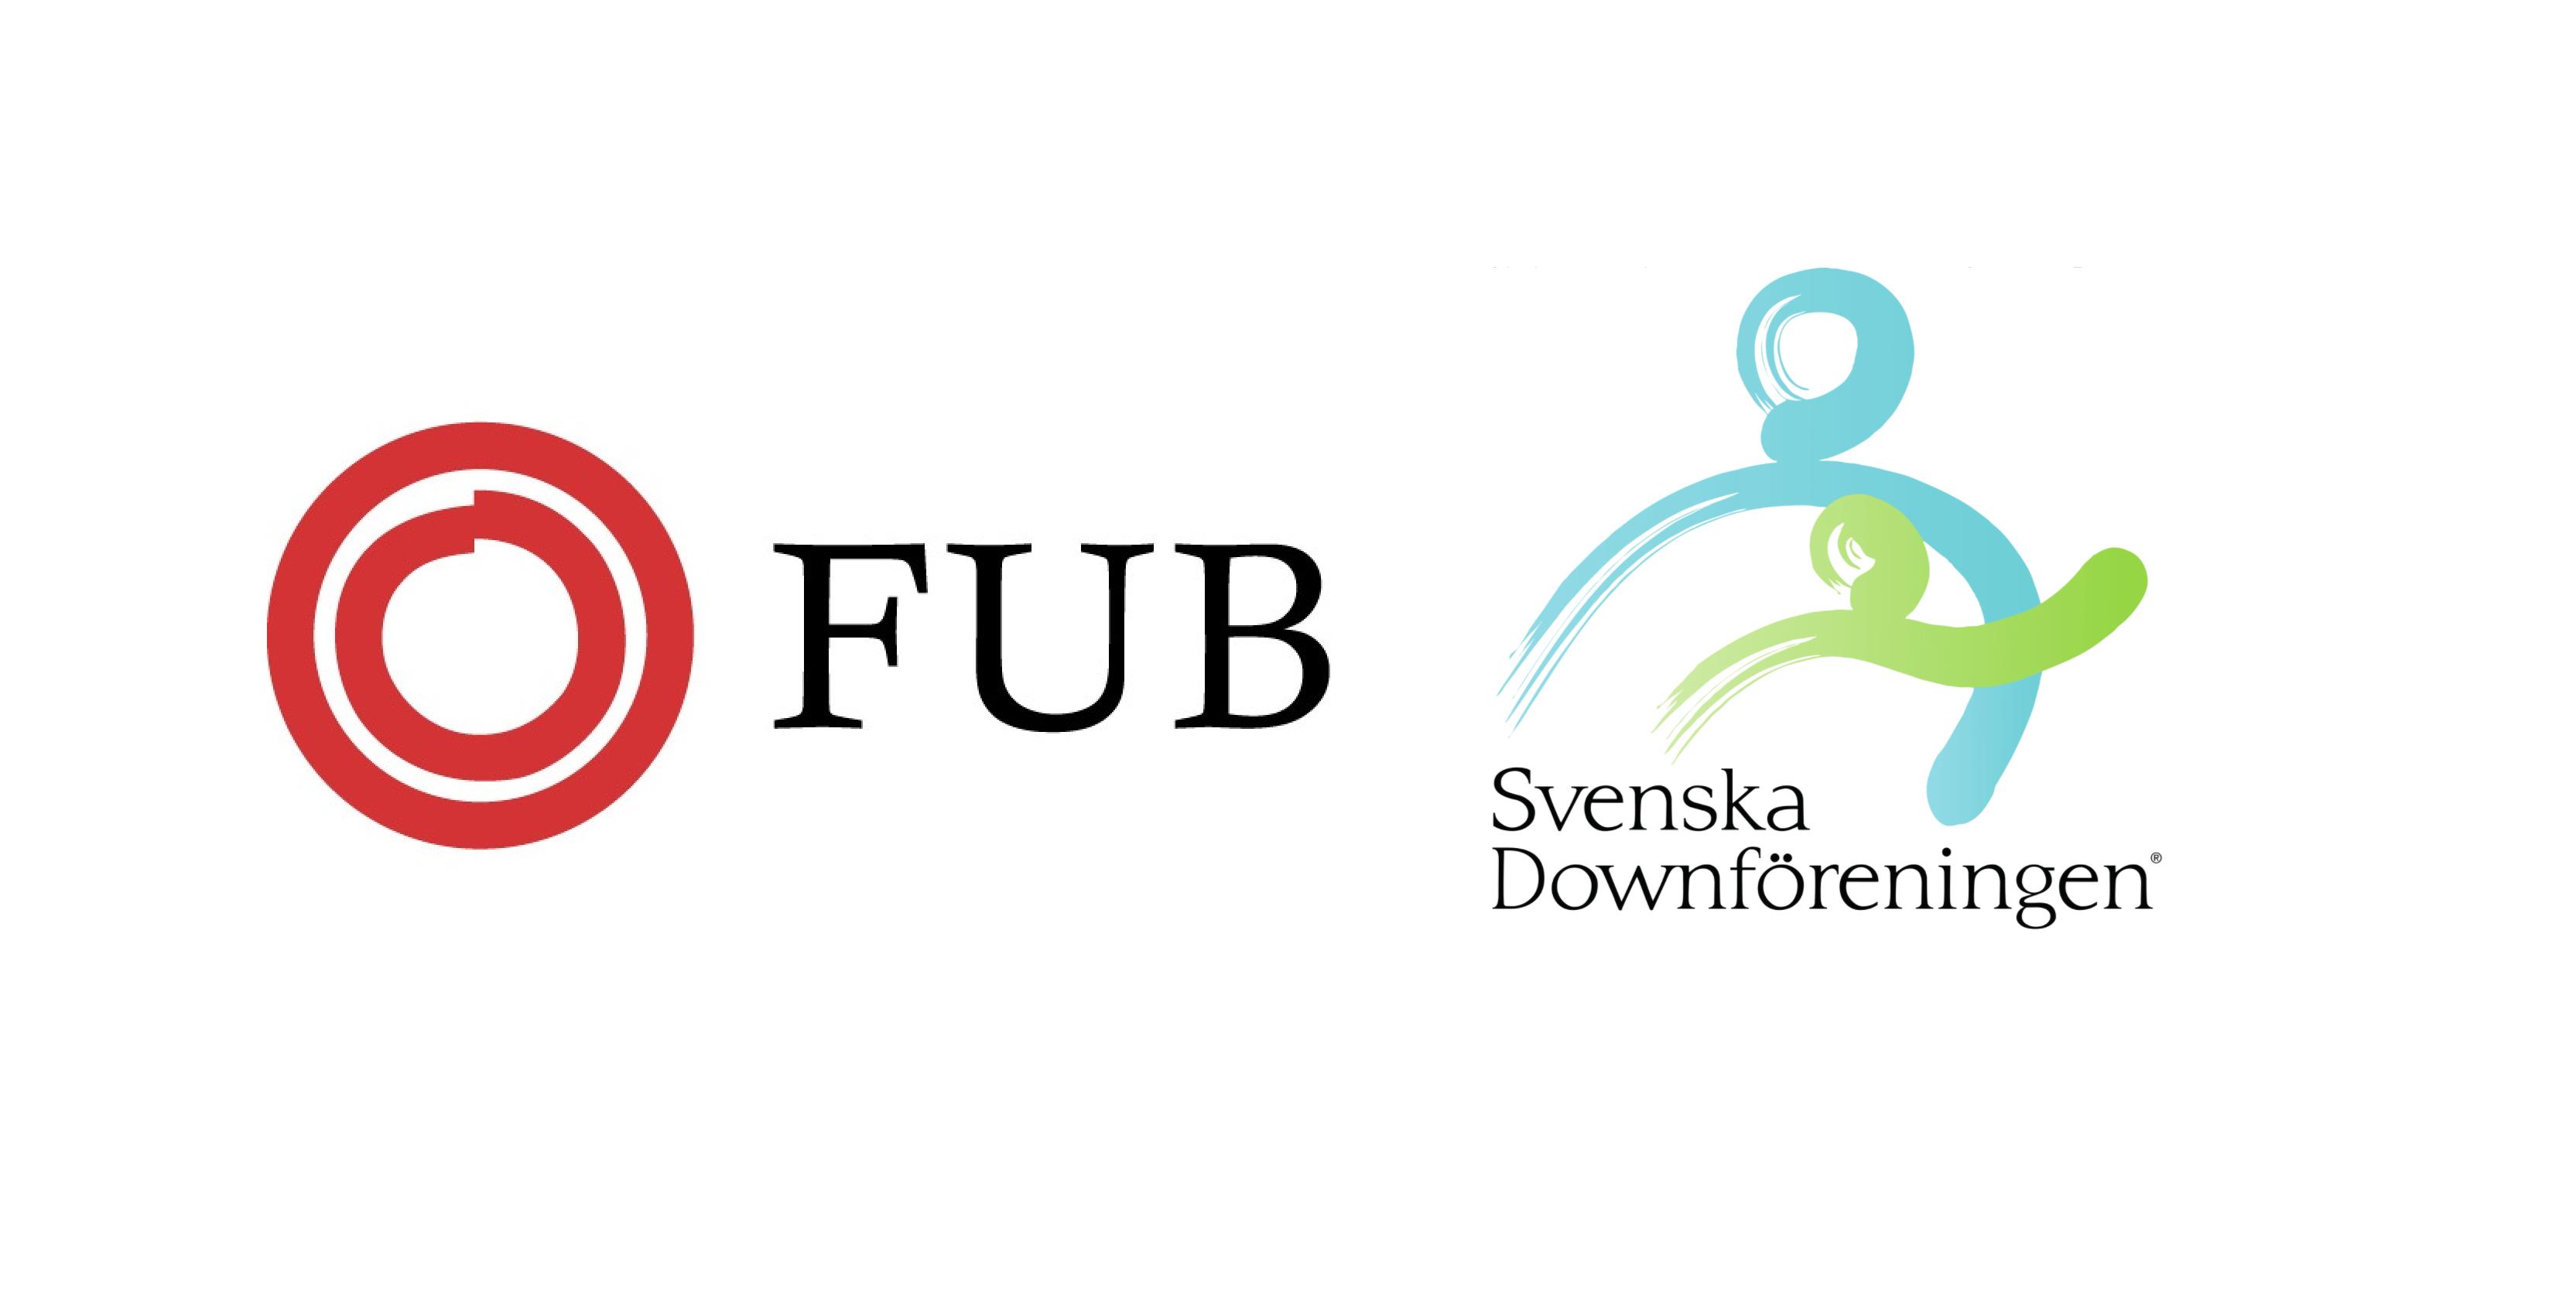 FUB och Svenska Downföreningen logotyper